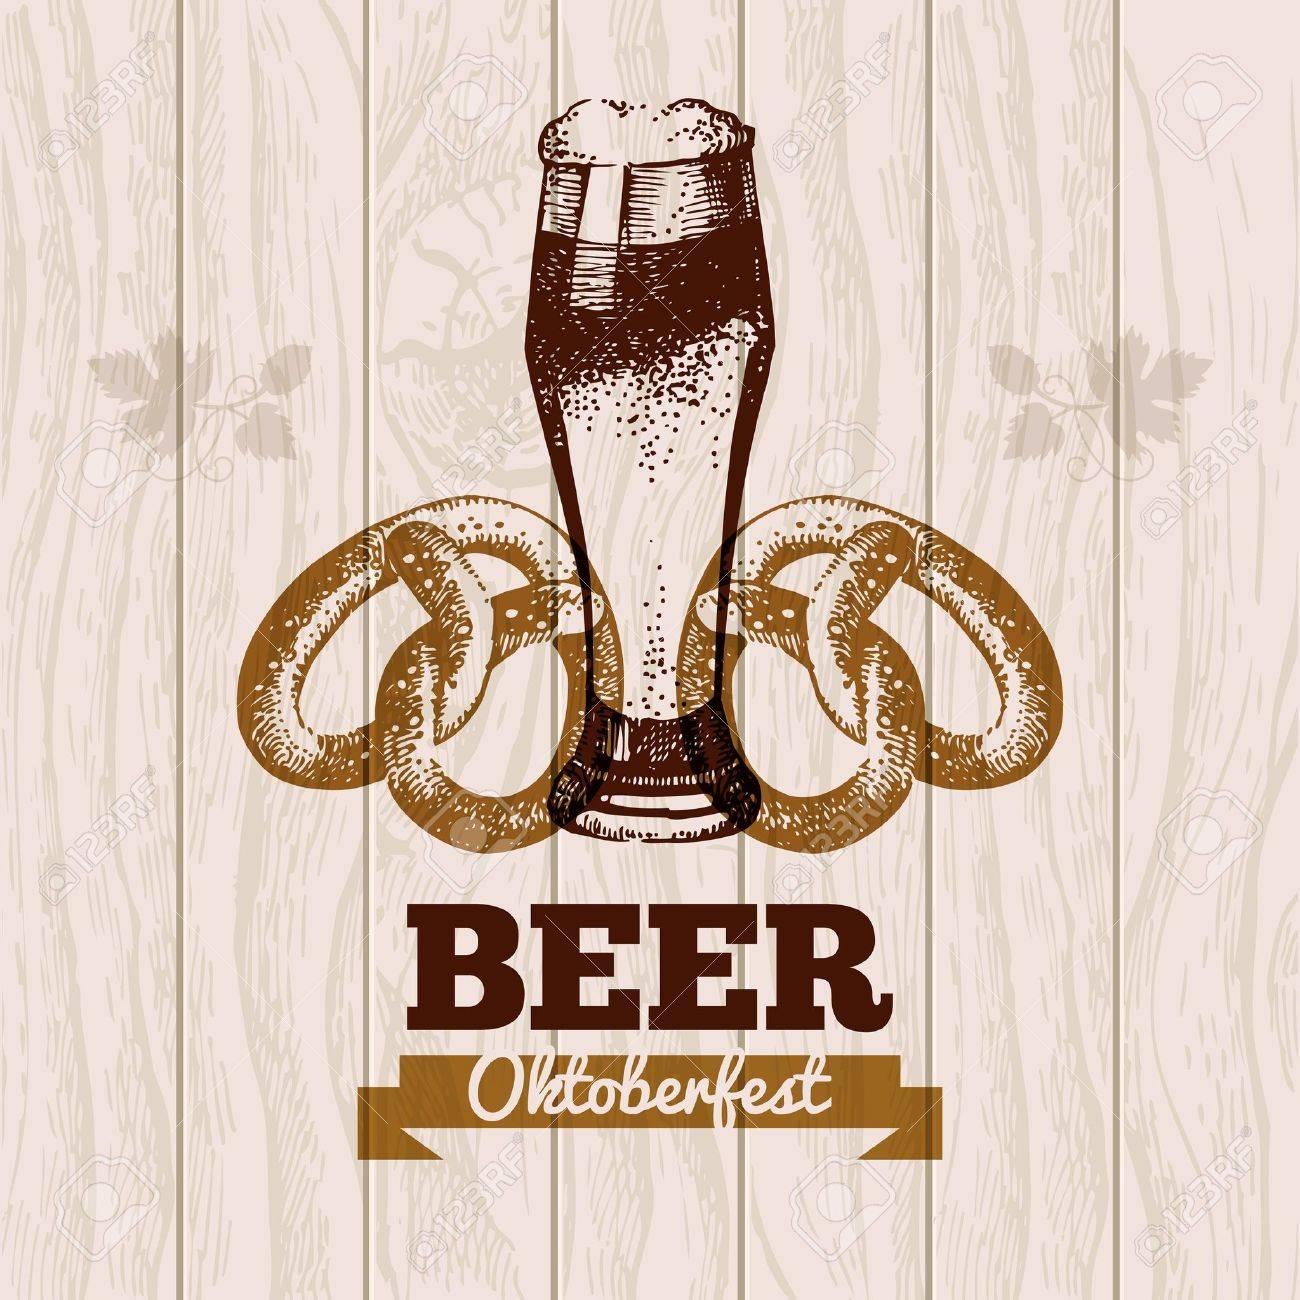 Oktoberfest vintage background. Beer hand drawn illustration. Menu design Stock Vector - 21532024